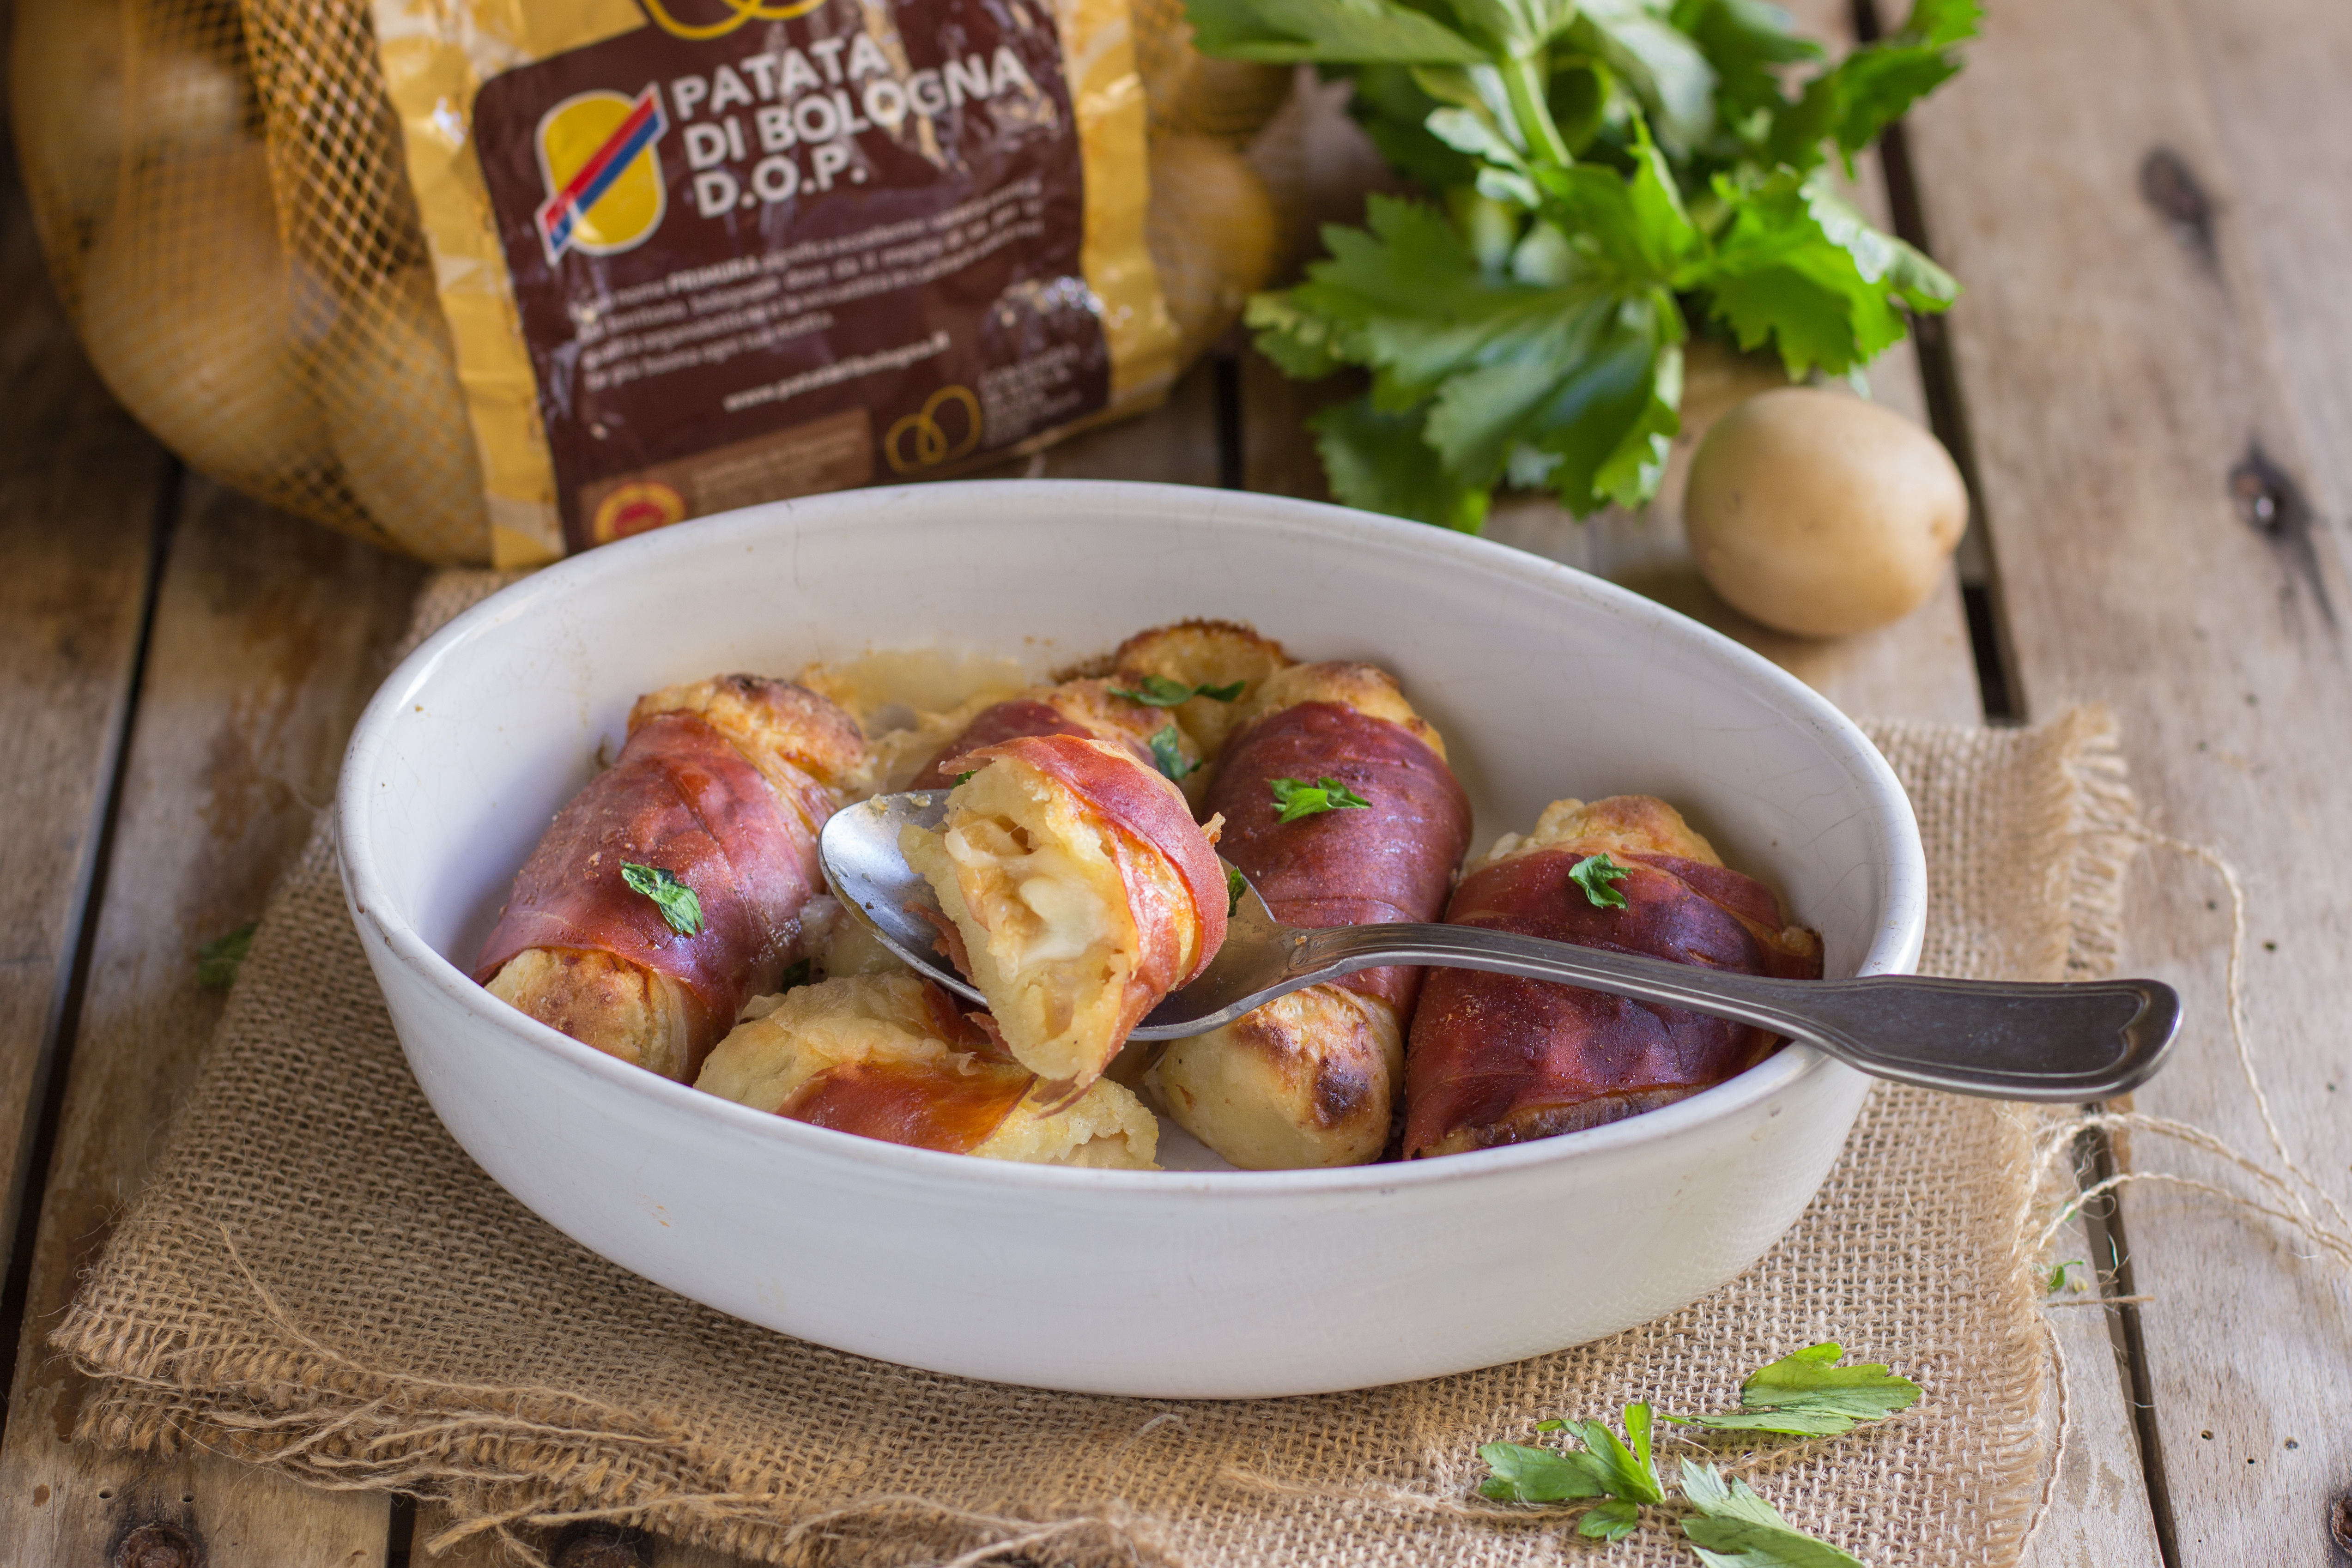 Involtini di Patata di Bologna D.O.P. e prosciutto.